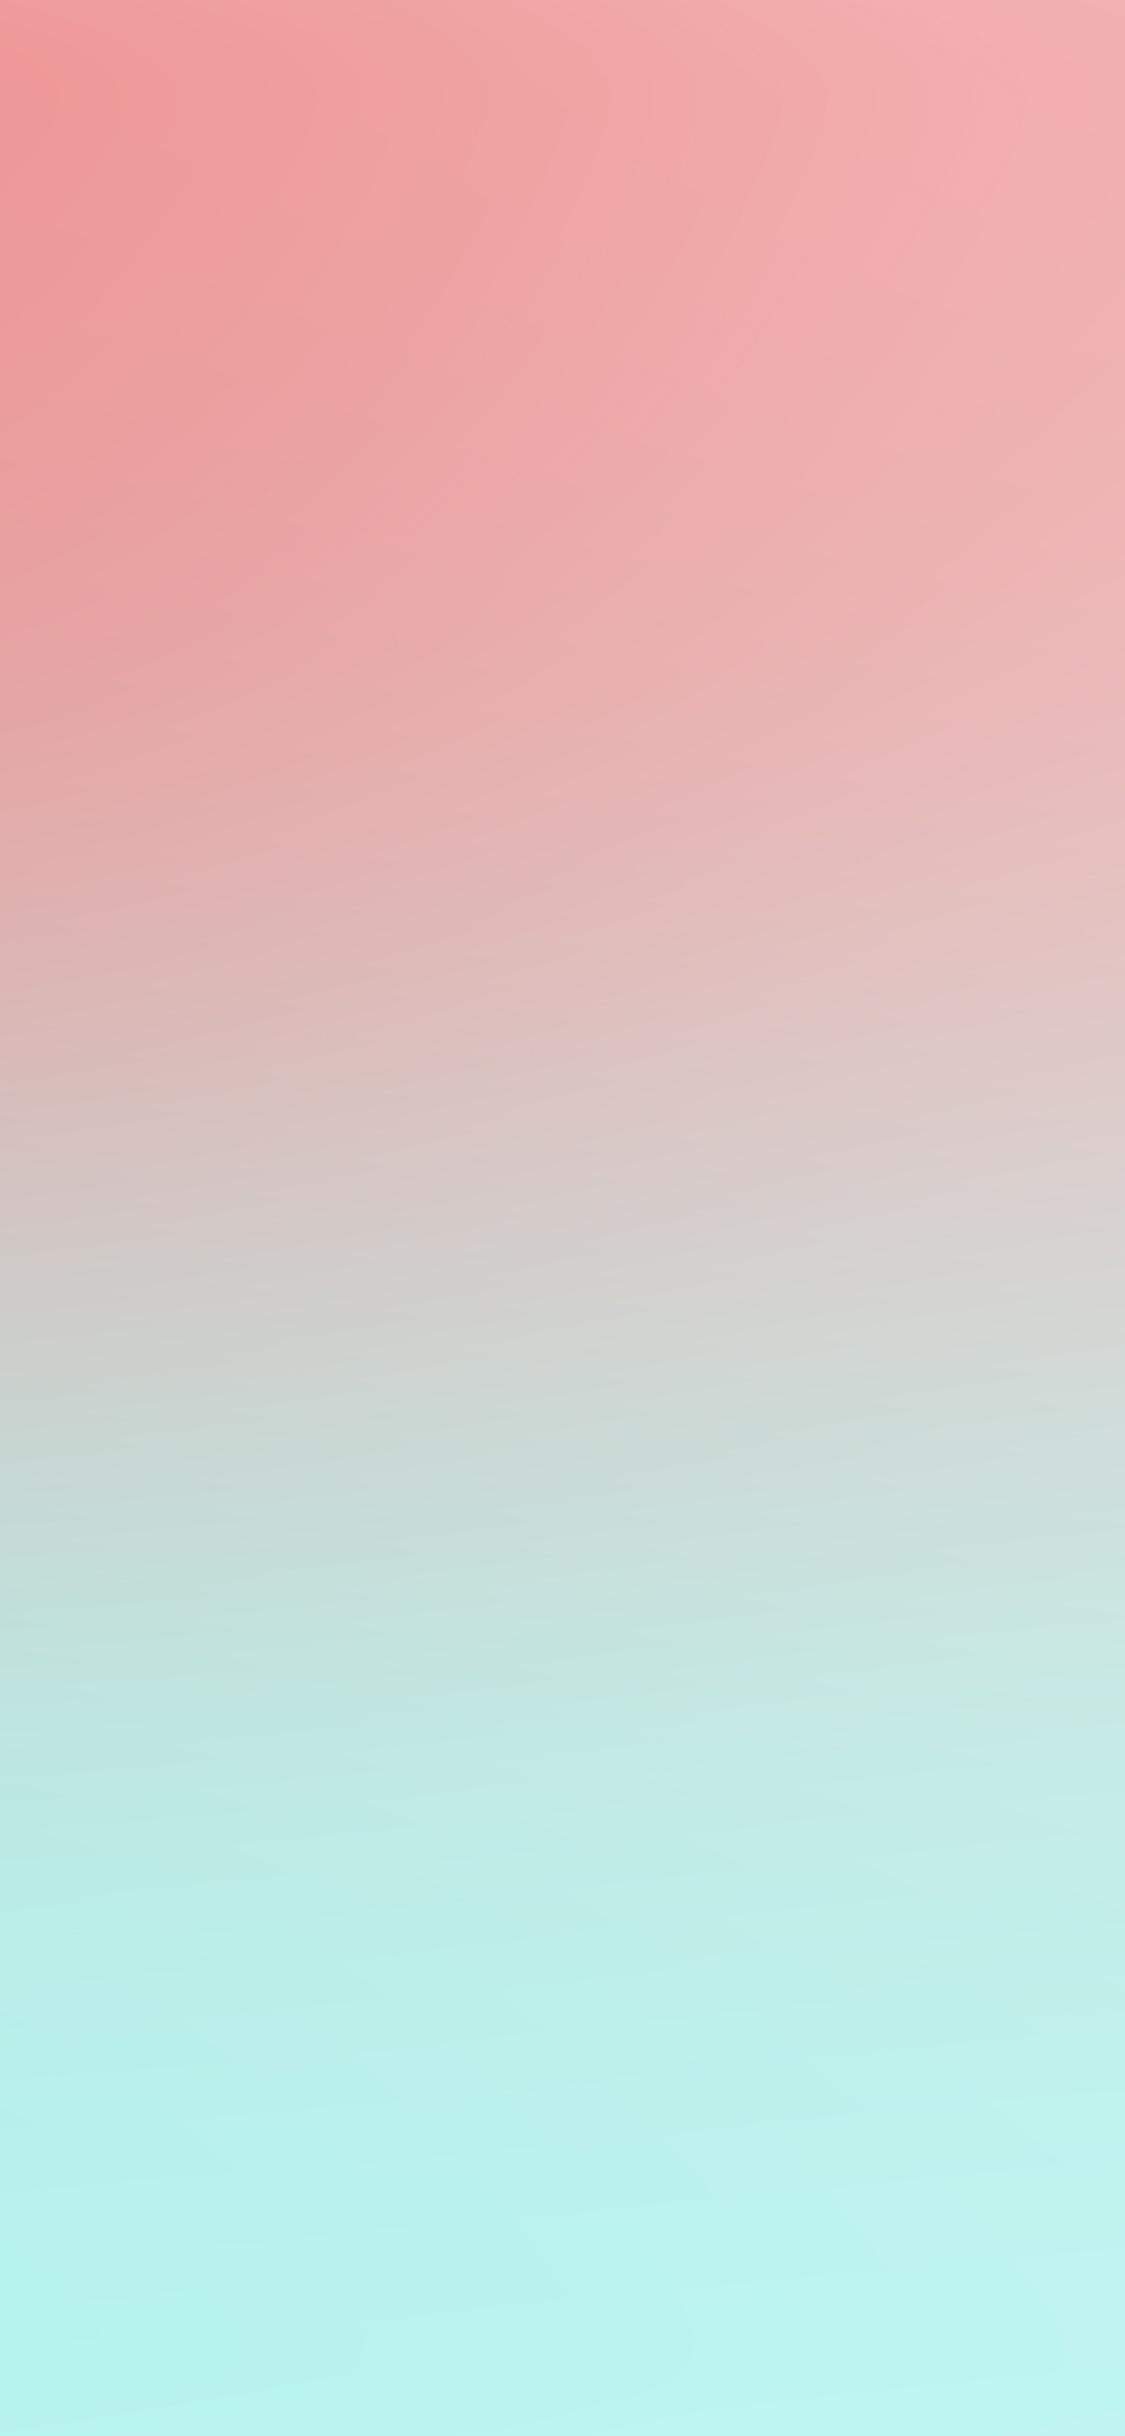 Sk76 Pink Green Blur Gradation Wallpaper